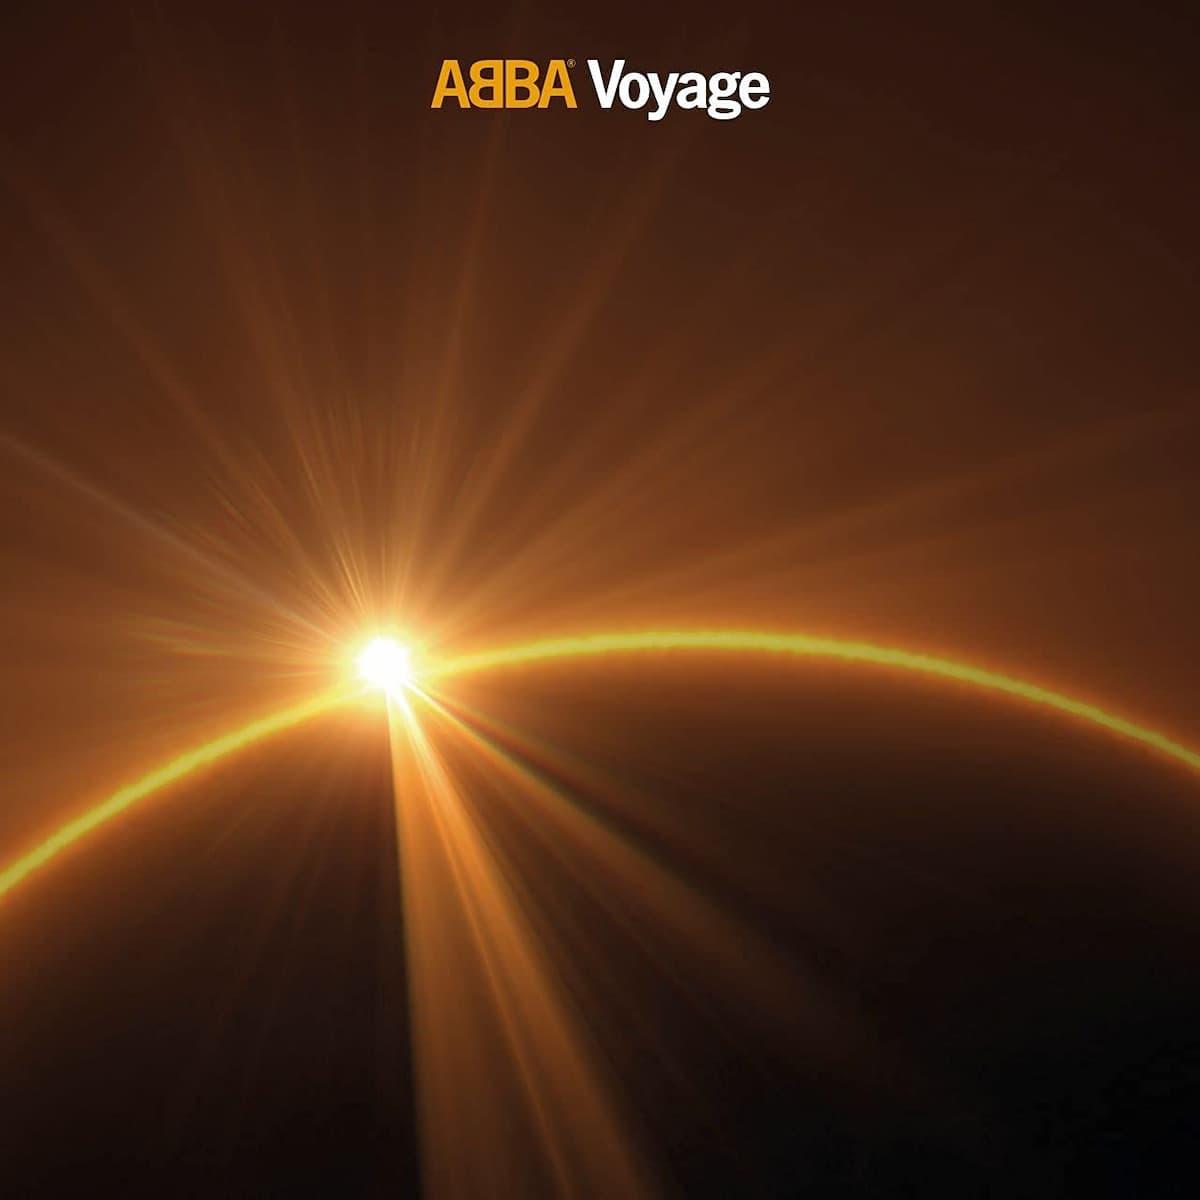 Neues Album 'Voyage' von ABBA 2021